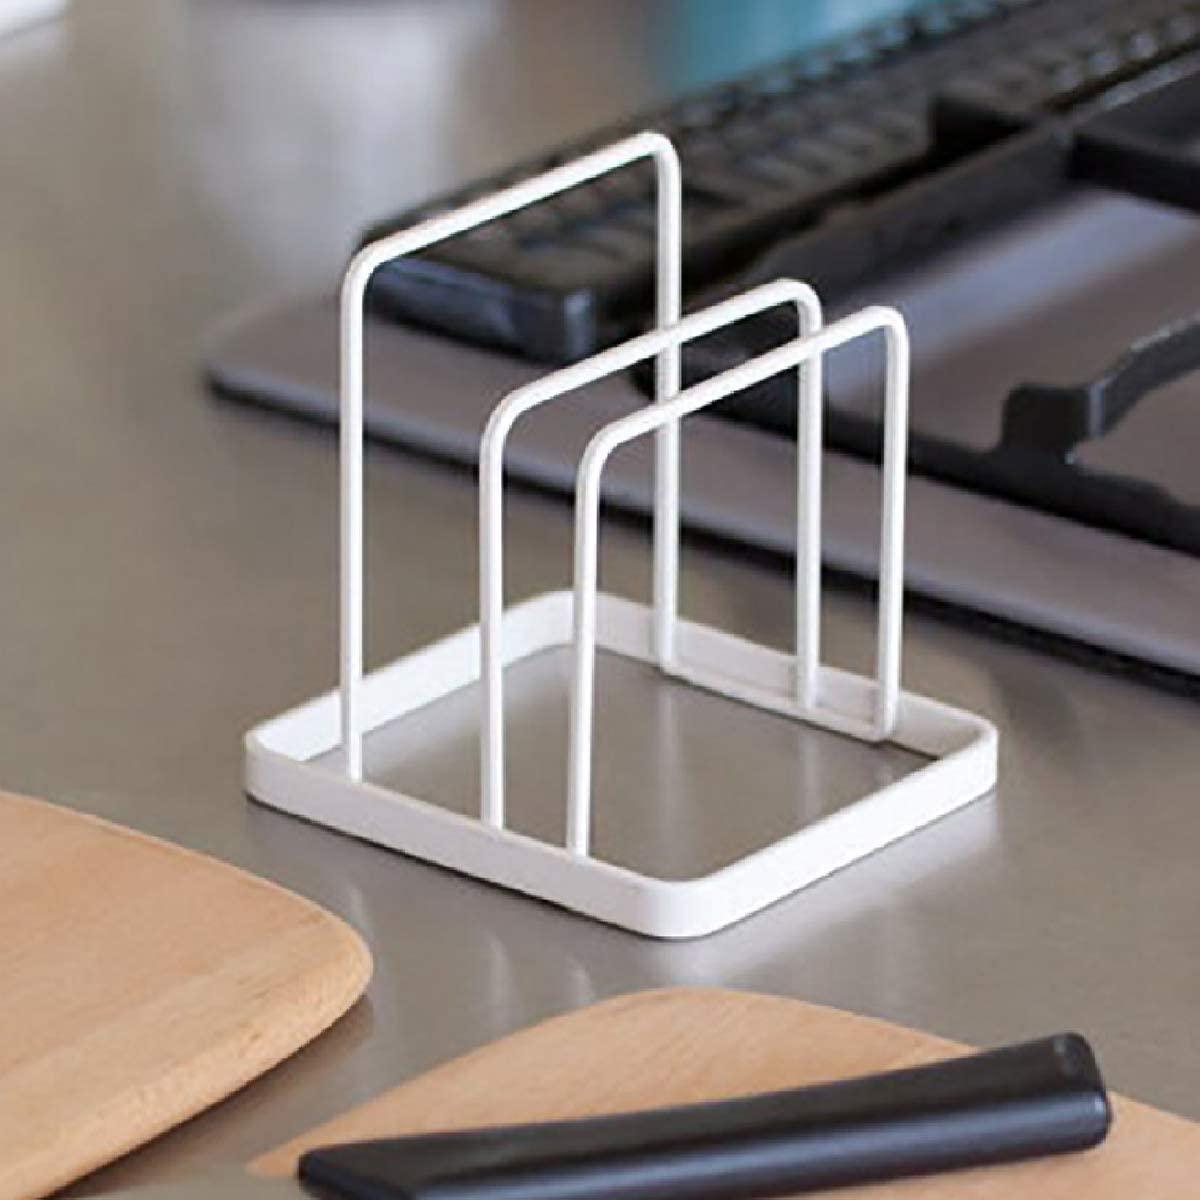 sarasa design(サラサデザイン) b2c カッティングボードスタンド ステンレスの商品画像